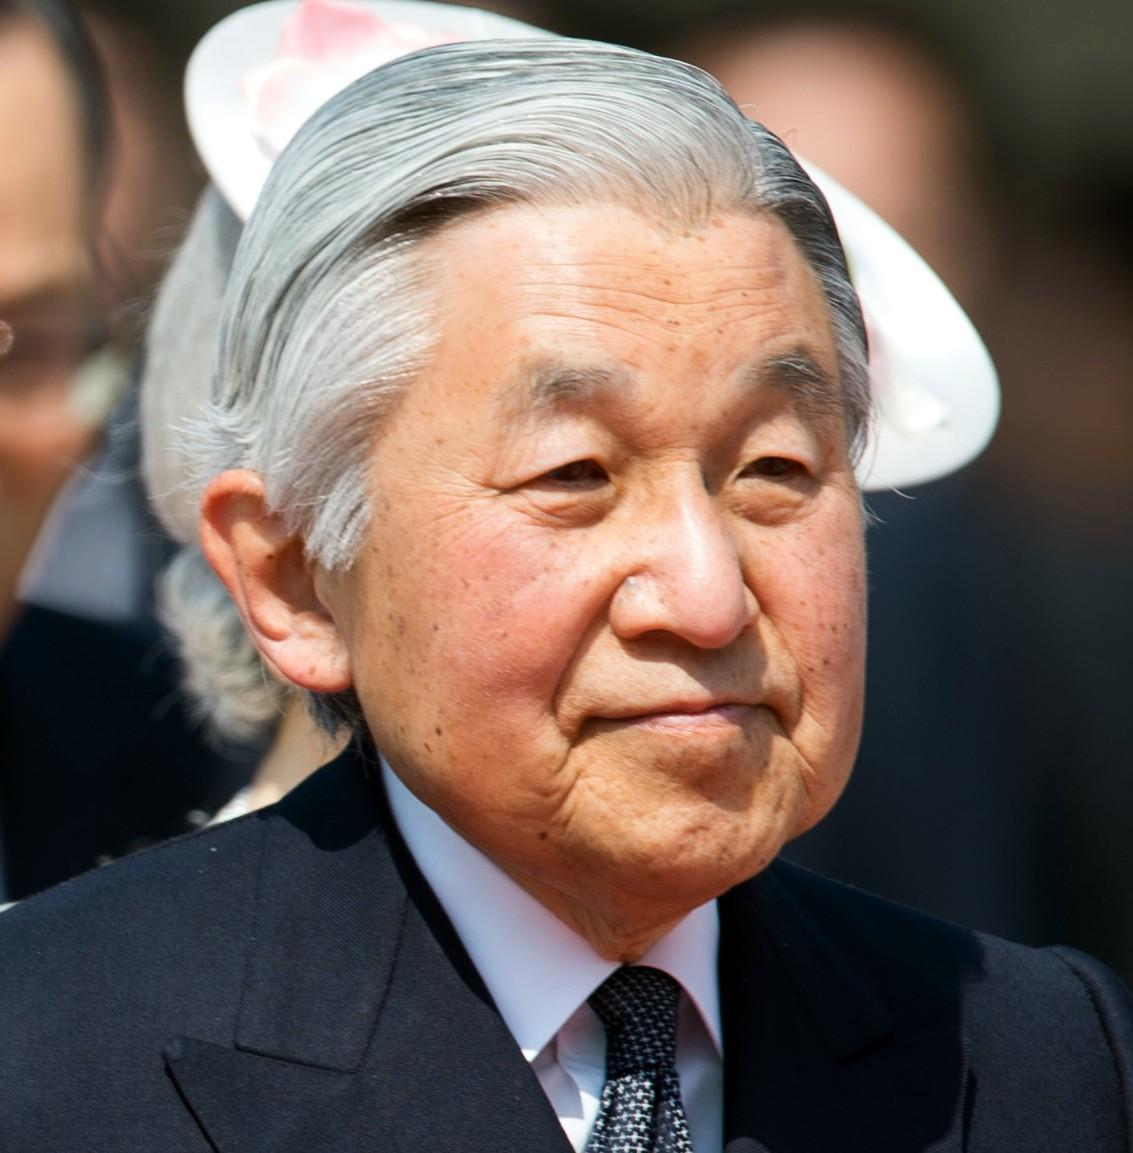 Antes de ascender ao trono do Japão, imperador já realizava pesquisas científicas (Foto: Wikimedia/State Department/William Ng)